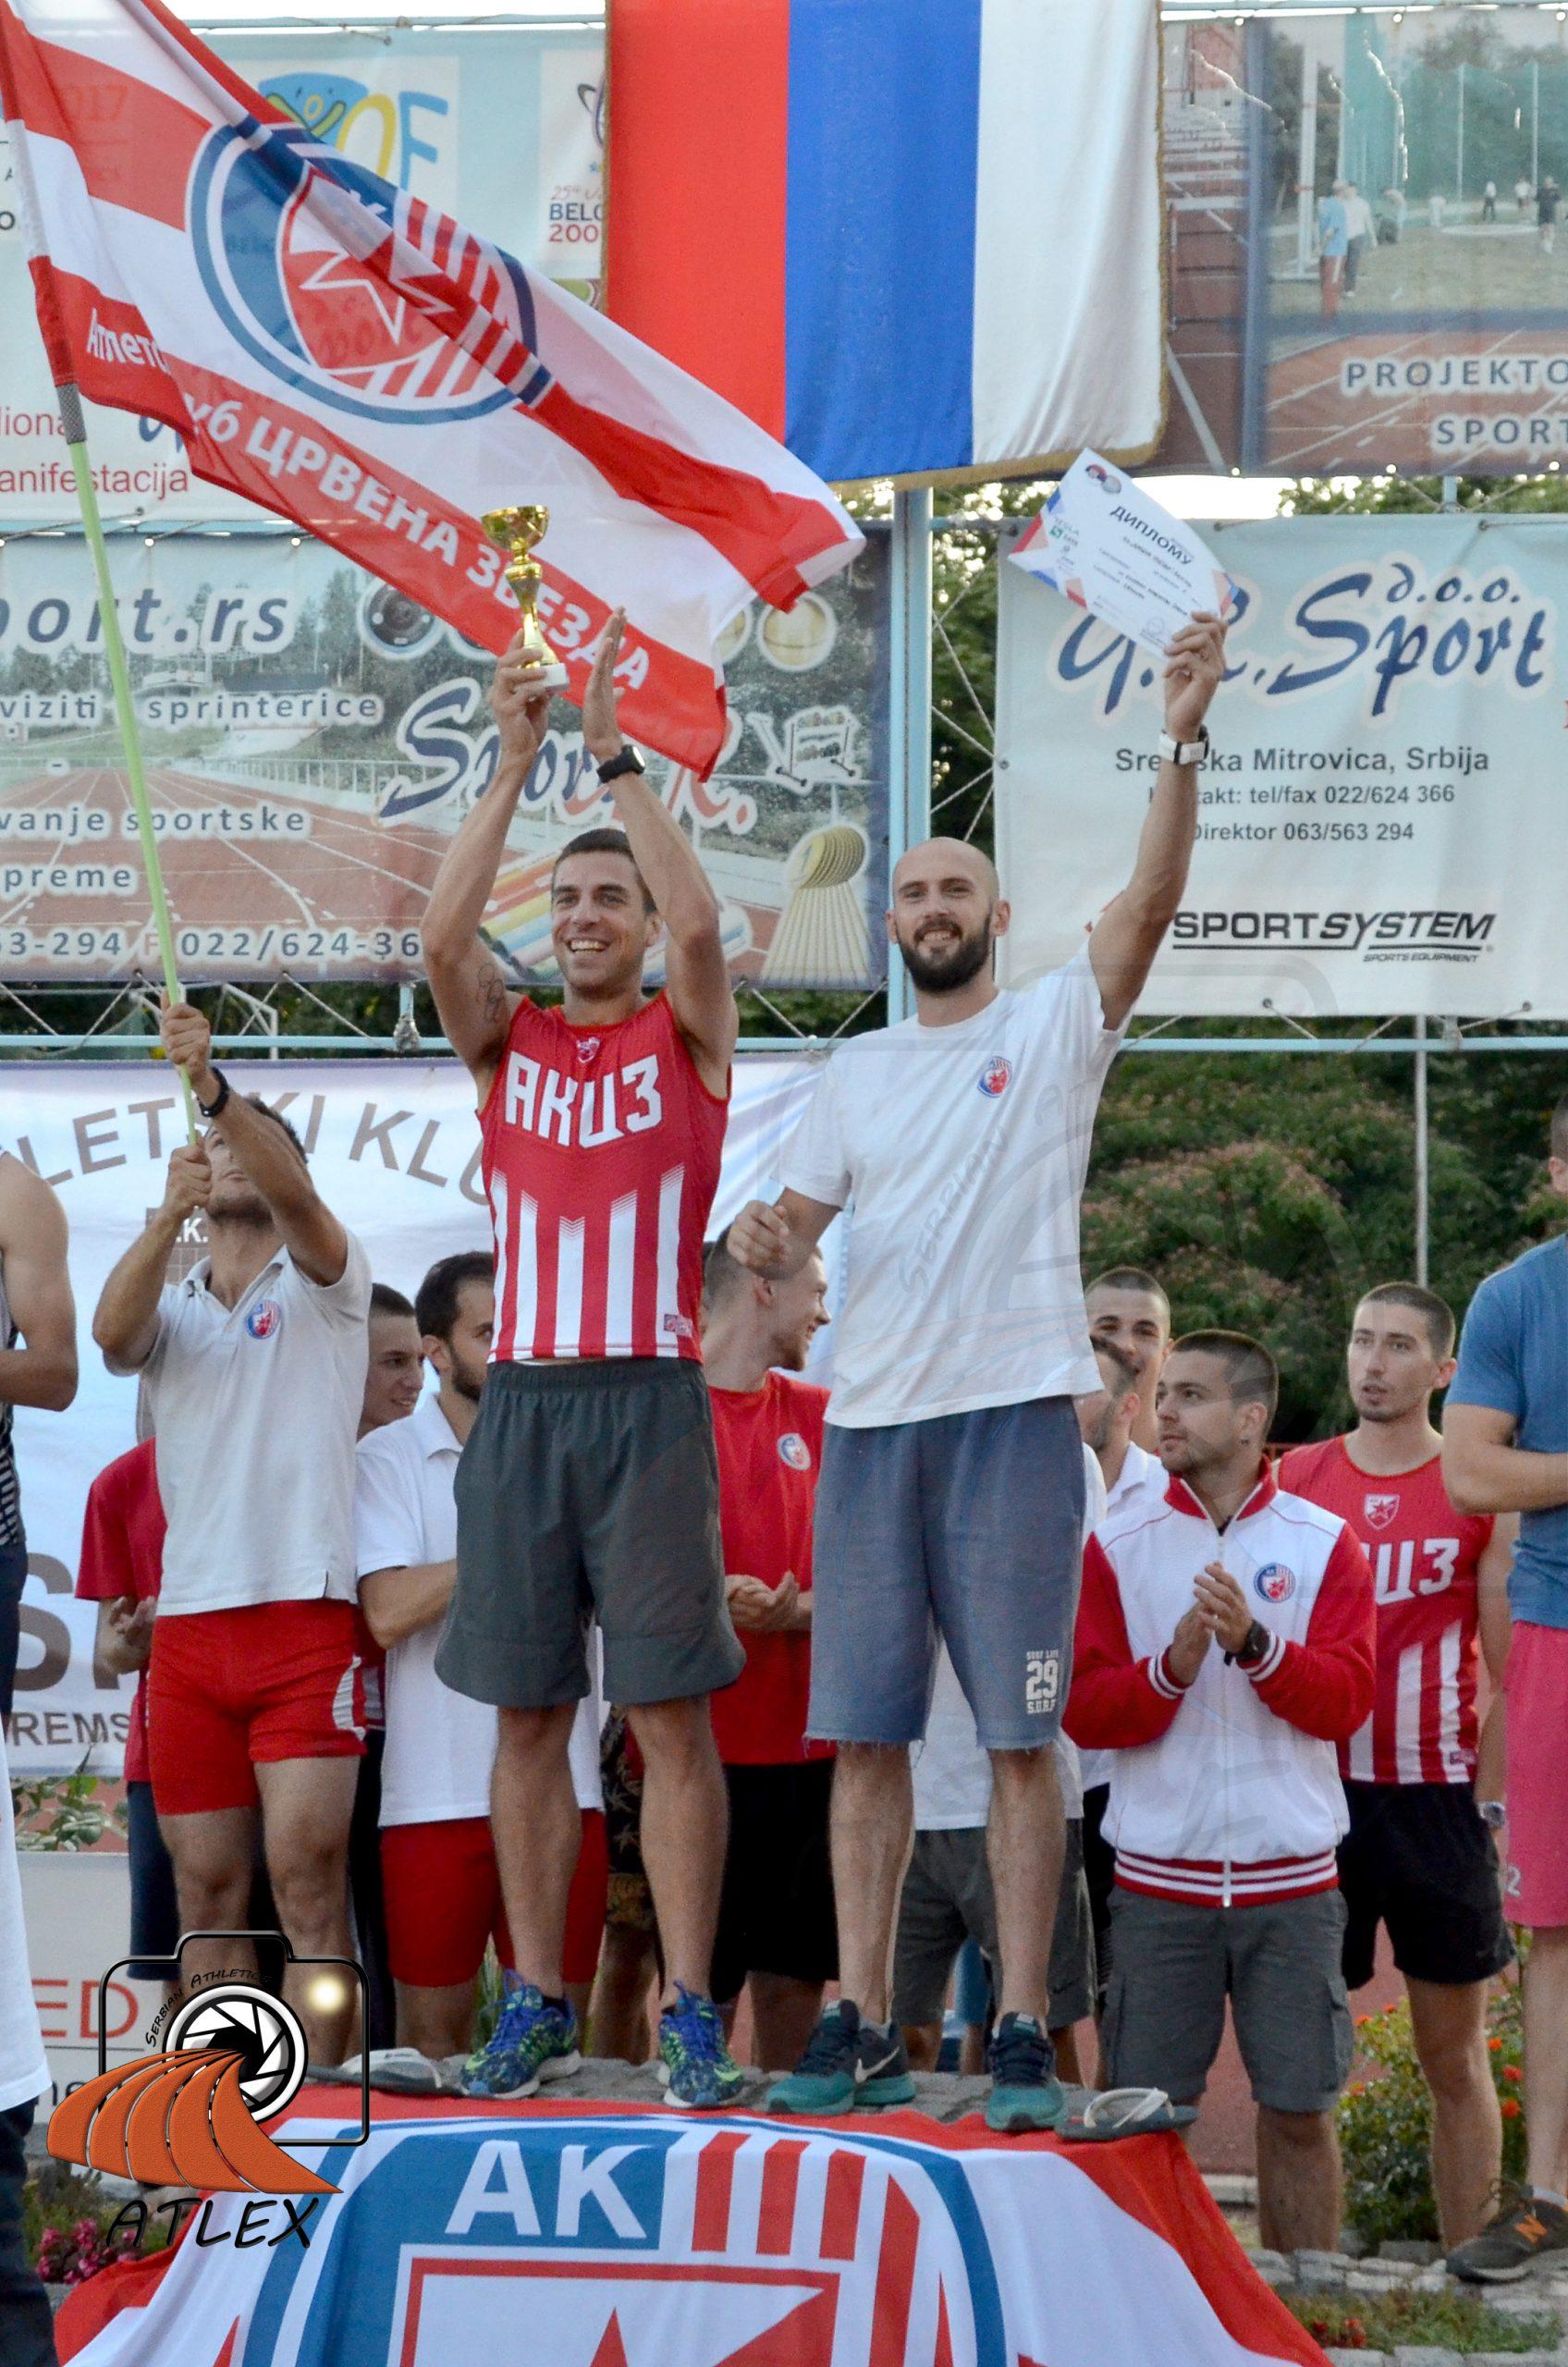 Milan Ristić i Marko Vozab, AK Crvena zvezda